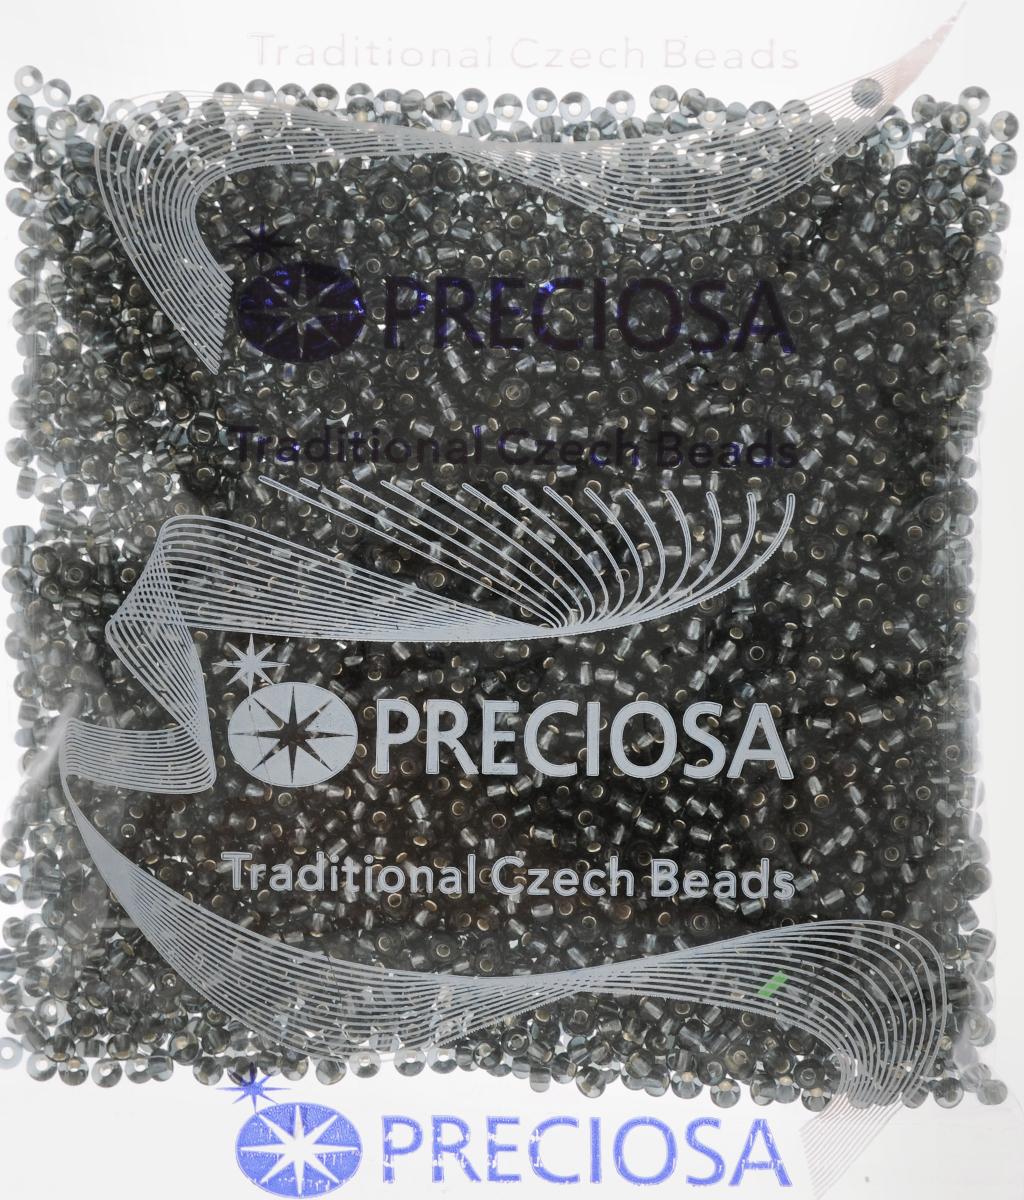 Бисер Preciosa Ассорти, с серебристой серединой, цвет: черный (02), 10/0, 50 г163142_02_черныйБисер Preciosa Ассорти, изготовленный из стекла круглой формы с серебристой серединой, позволит вам своими руками создать оригинальные ожерелья, бусы или браслеты, а также заняться вышиванием. В бисероплетении часто используют бисер разных размеров и цветов. Он идеально подойдет для вышивания на предметах быта и женской одежде. Изготовление украшений - занимательное хобби и реализация творческих способностей рукодельницы, это возможность создания неповторимого индивидуального подарка.